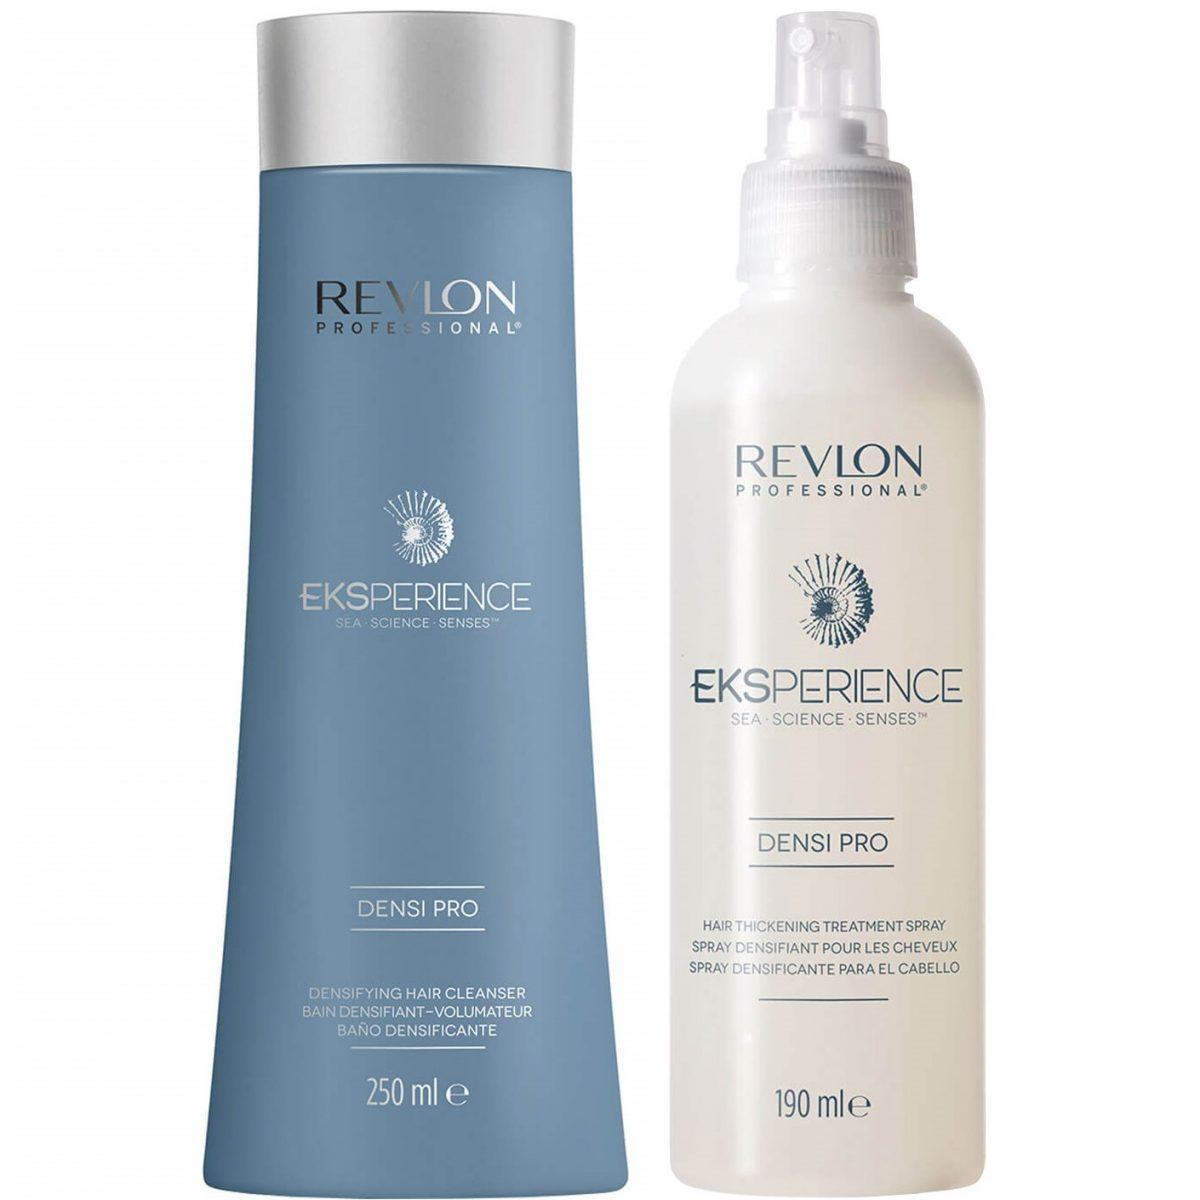 03_Emphase_Revlon_Eksperience_Densi_Pro_Shampoo_250ml_Spray_190ml